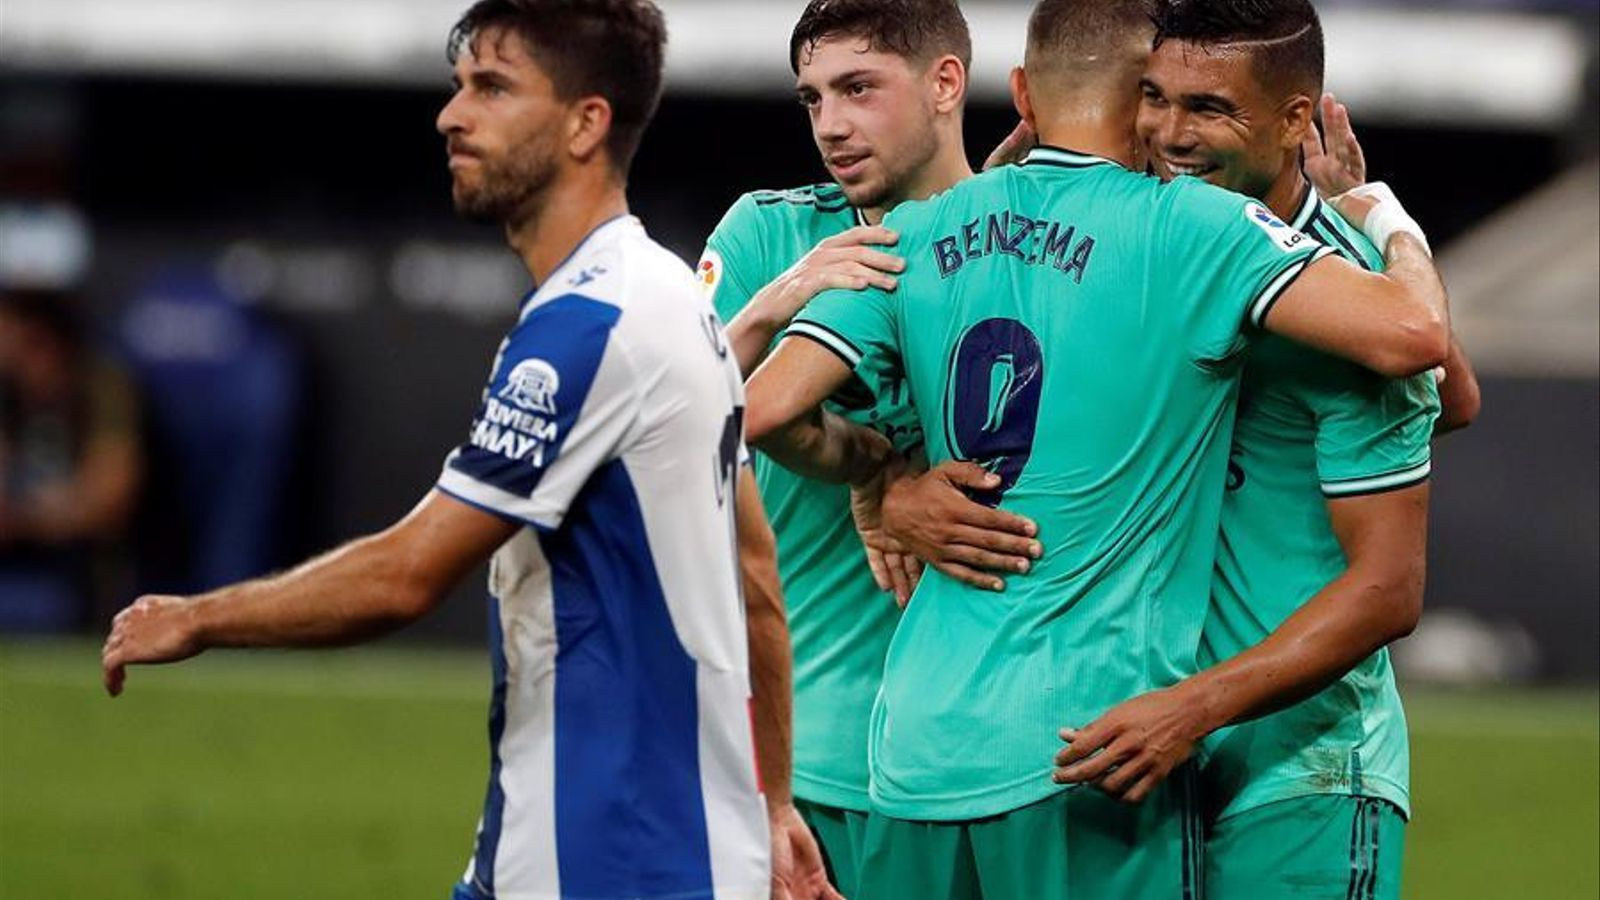 El Madrid, líder en solitari, descendeix l'Espanyol